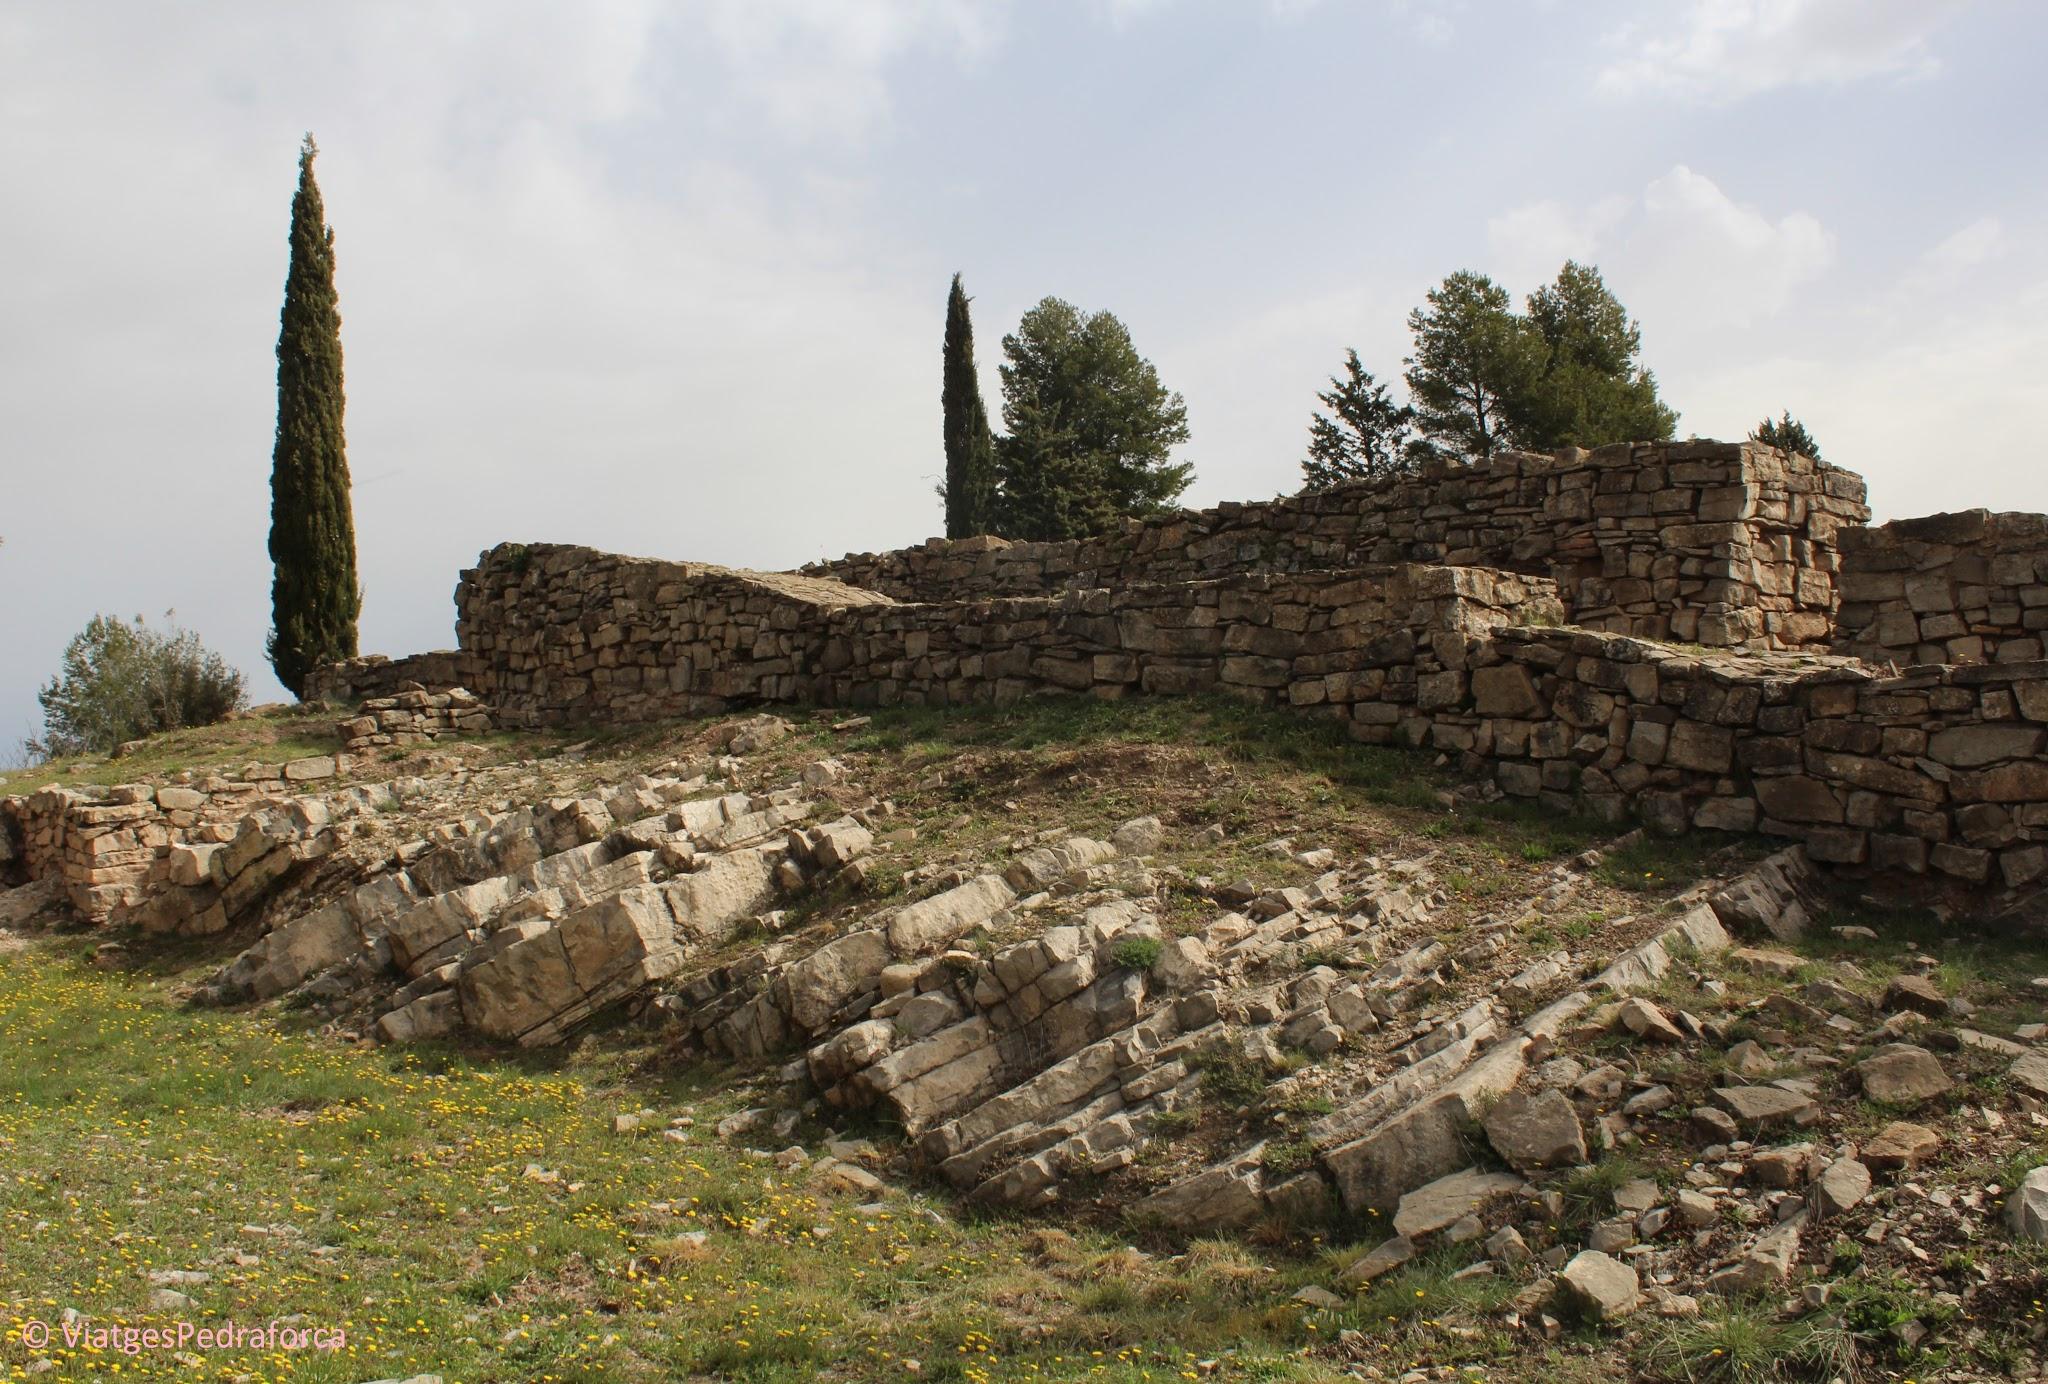 ruta arqueològica i medieval pel Bages, Sallent, Catalunya, arqueologia